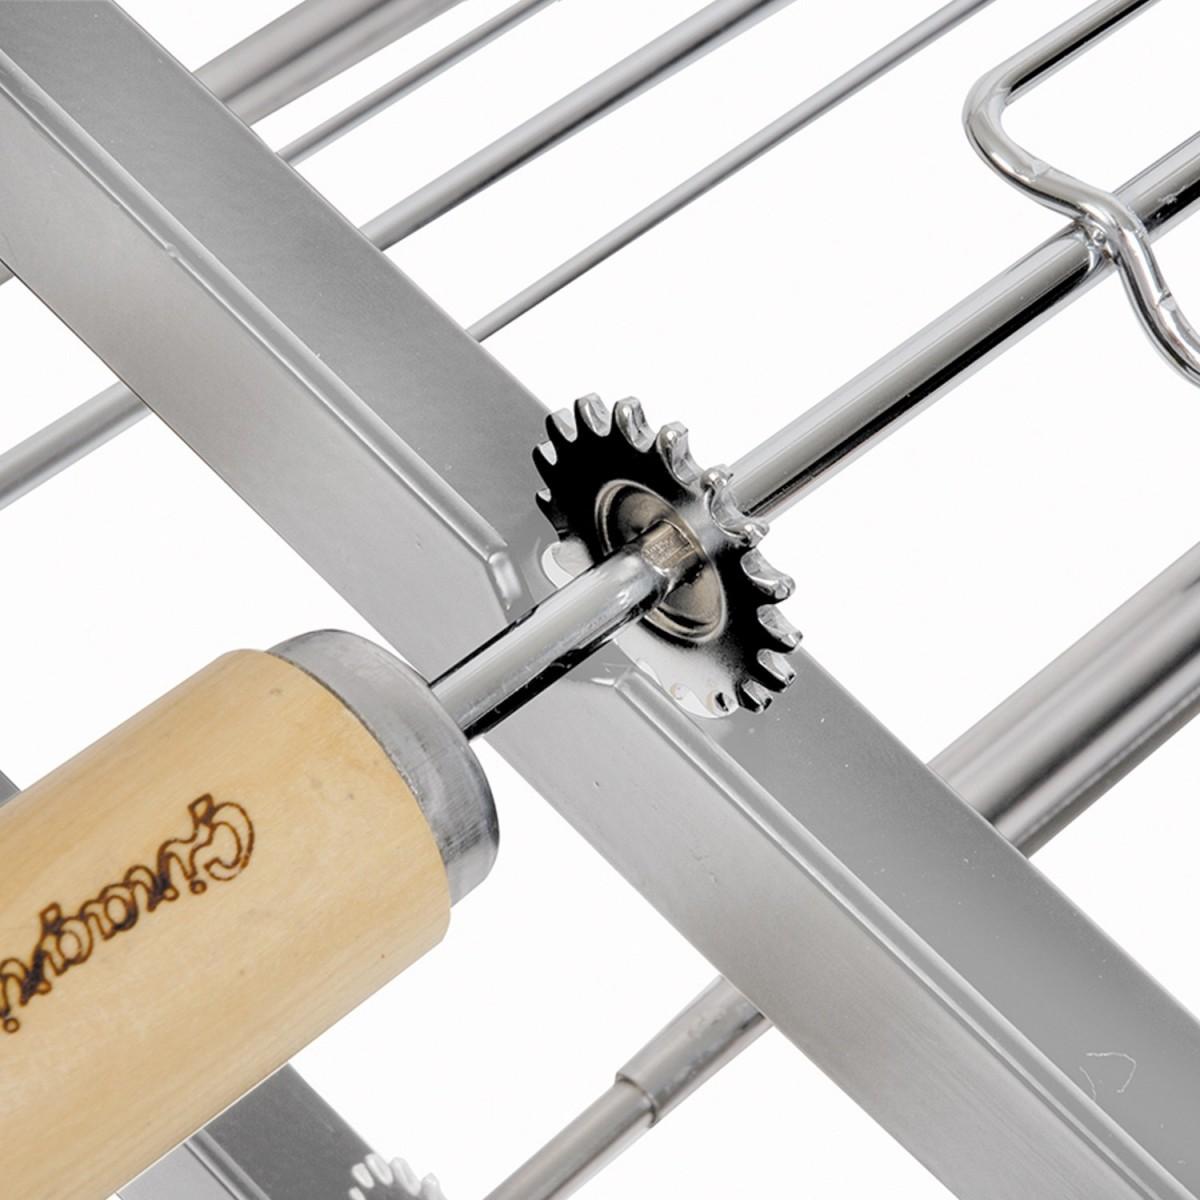 Kit Suporte de Espeto para Churrasqueira Giragrill de Inox 1004.